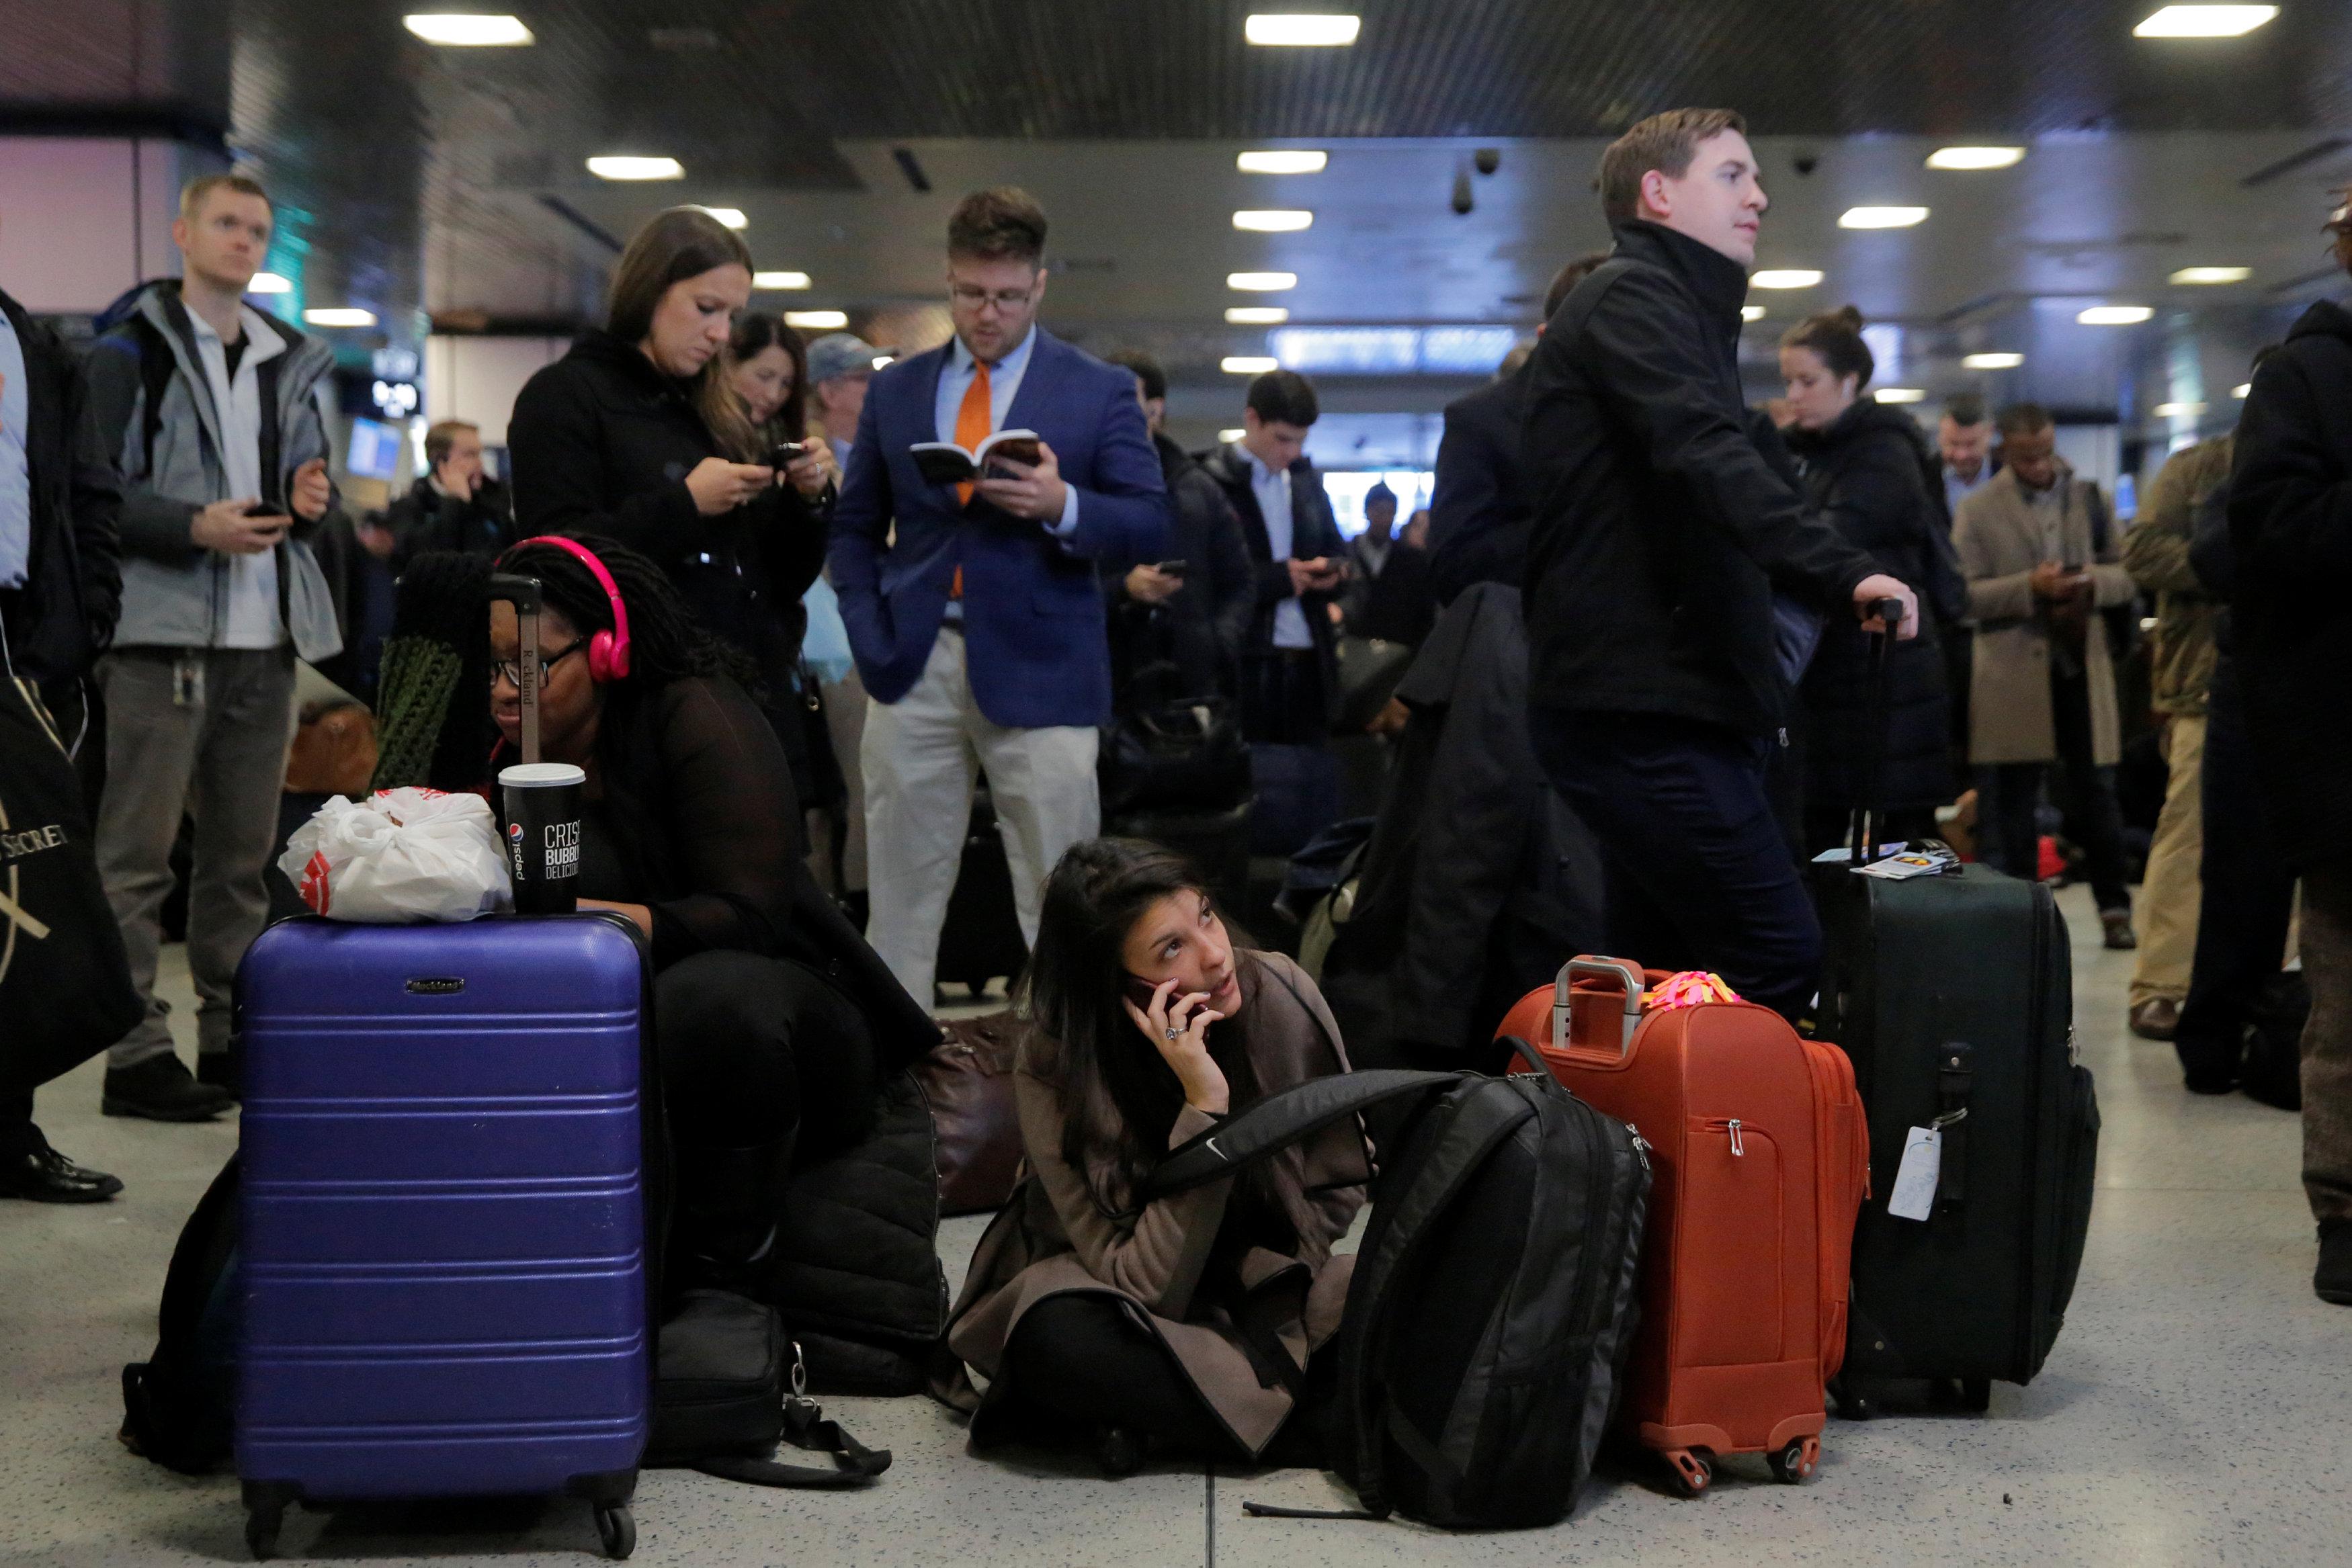 Personas esperan una estación de tren en Pensilvania luego que los trenes fueran cancelados. (REUTERS/Andrew Kelly)